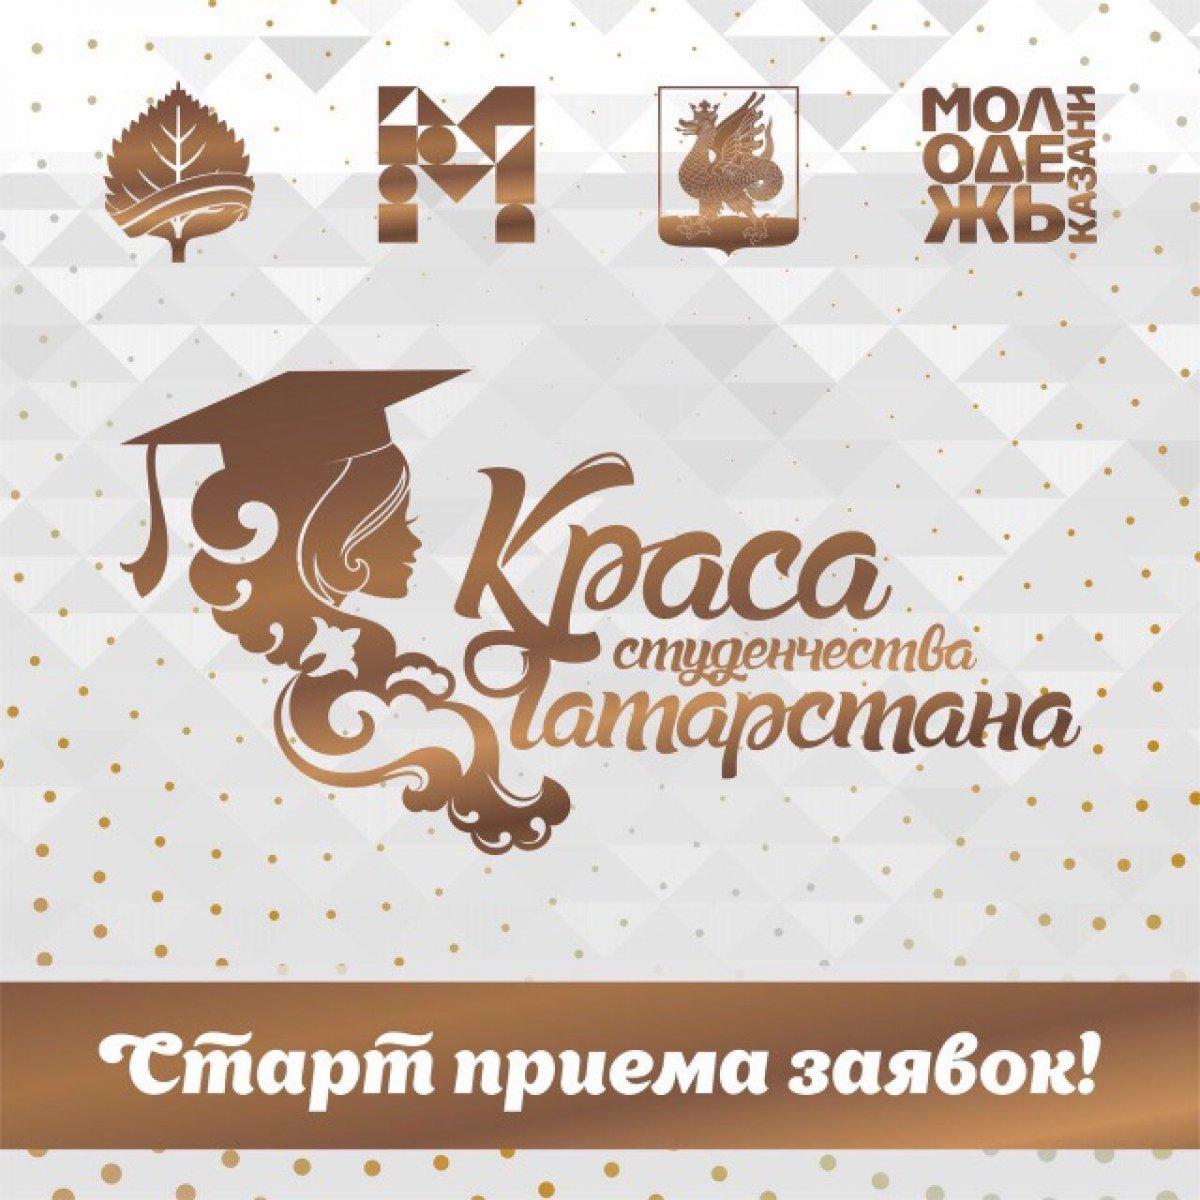 Самые яркие и талантливые, самые умные и смелые, самые-самые лучшие студентки Казани!